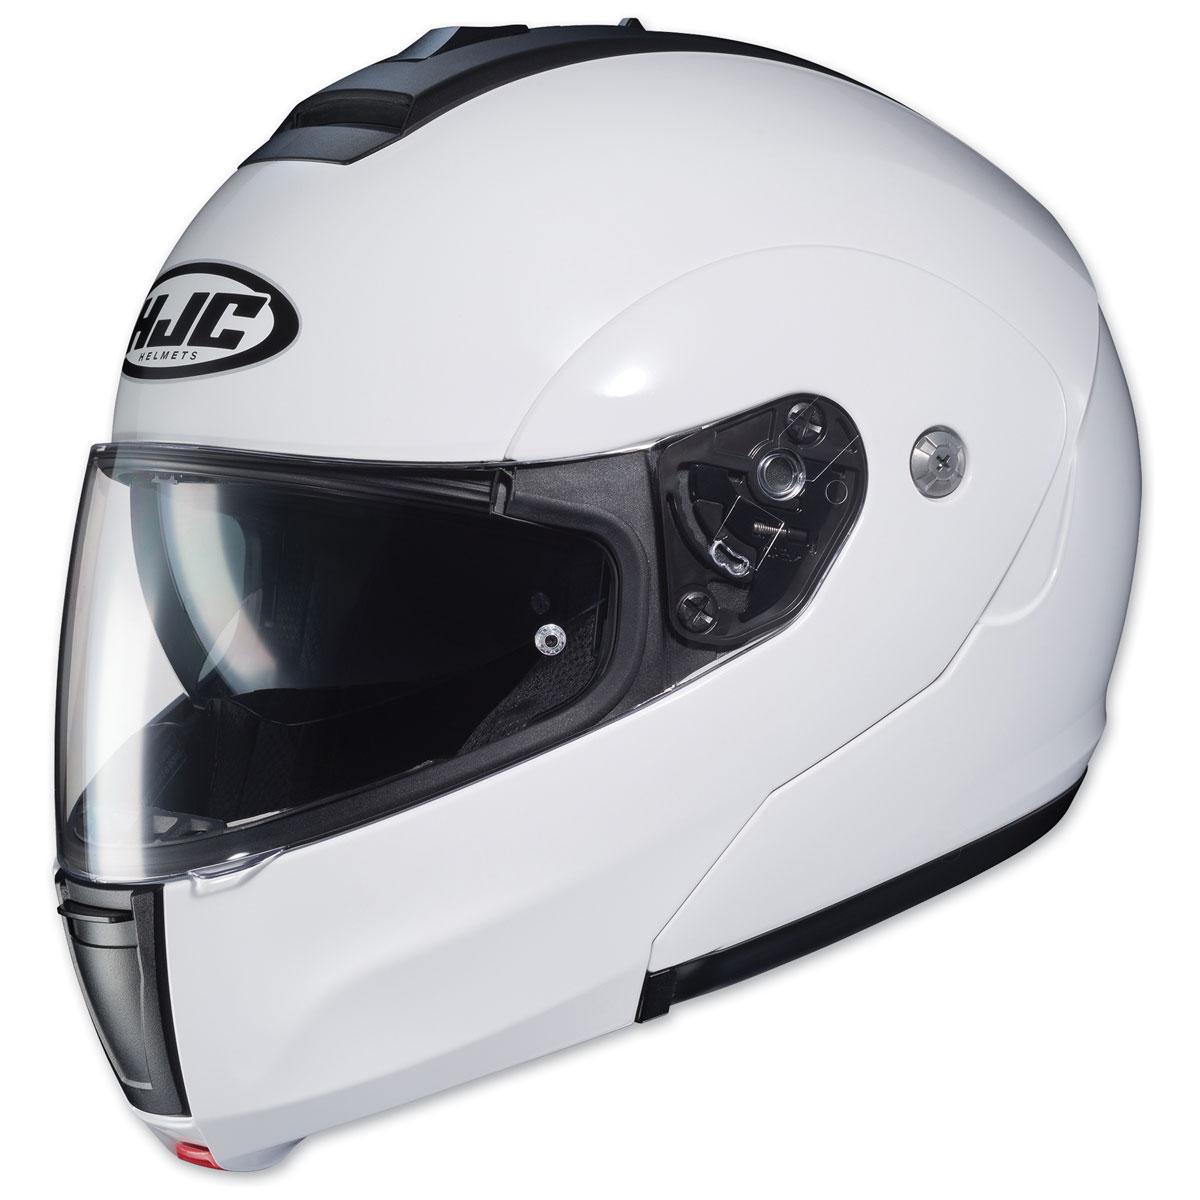 HJC CL-MAX 3 Gloss White Modular Helmet